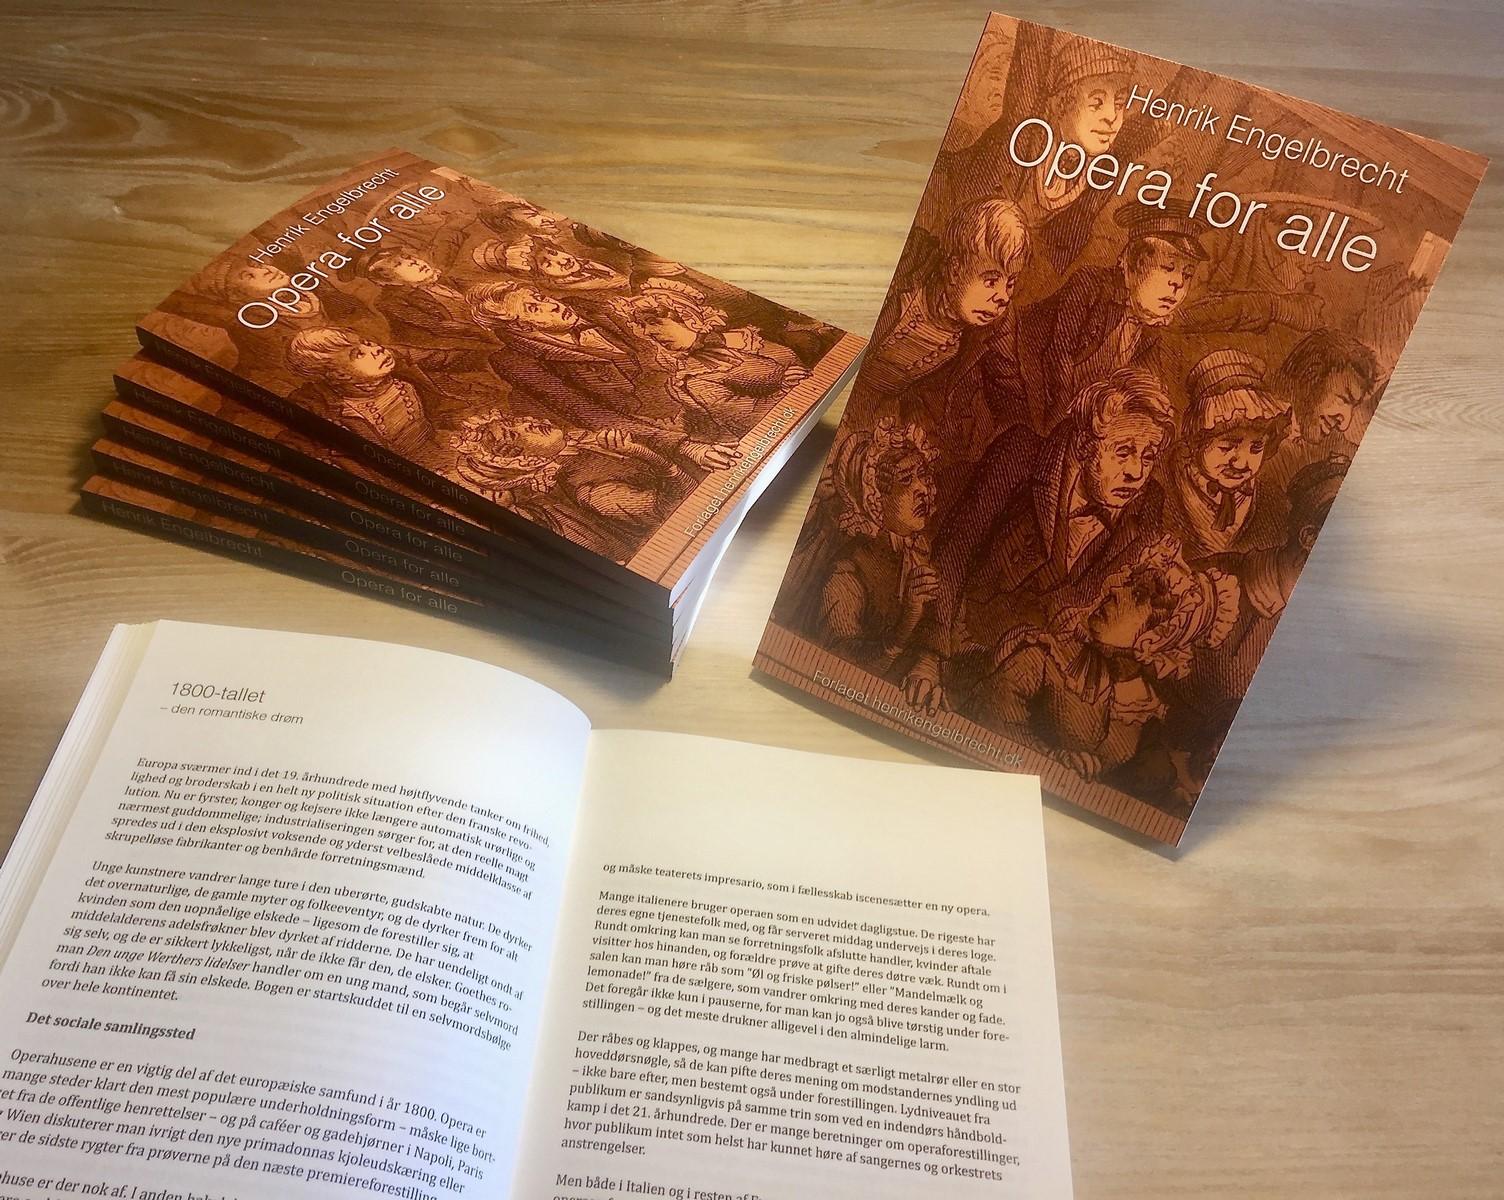 Anmeldelse (bog): Henrik Engelbrecht: Opera for alle